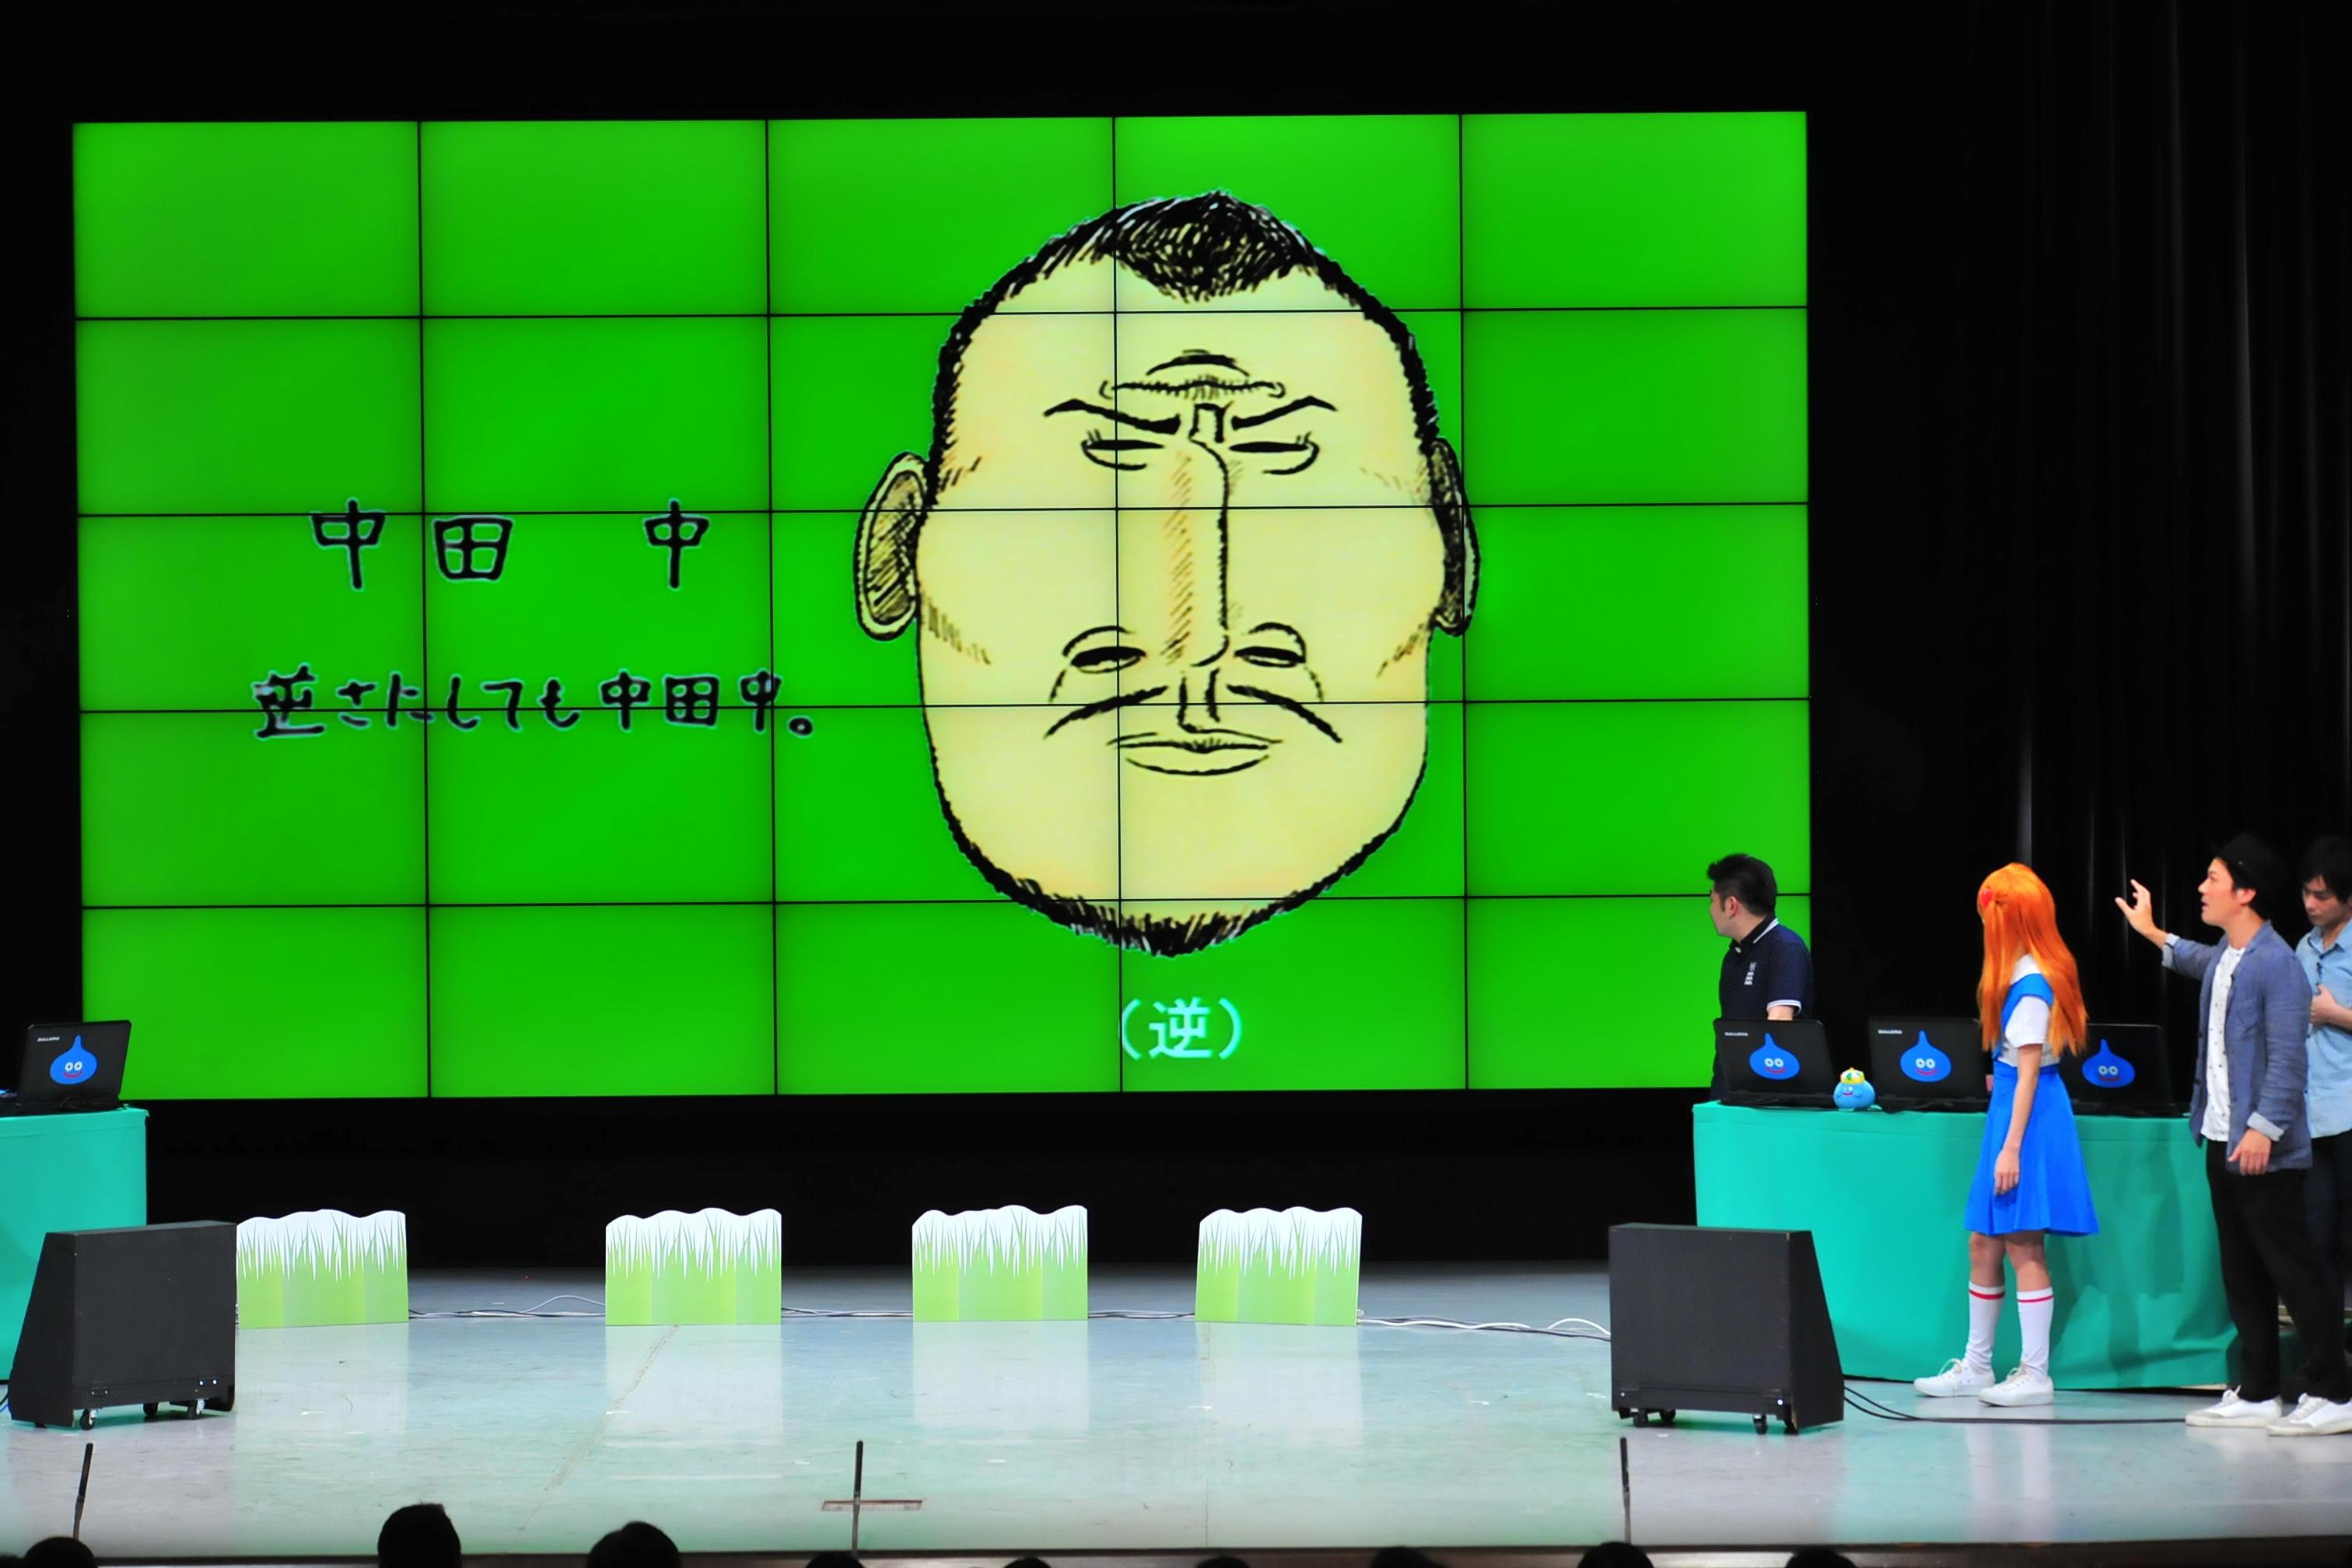 http://news.yoshimoto.co.jp/20160613095003-949400ad516fc92bc11fb269dcd8ab6125a34b33.jpg